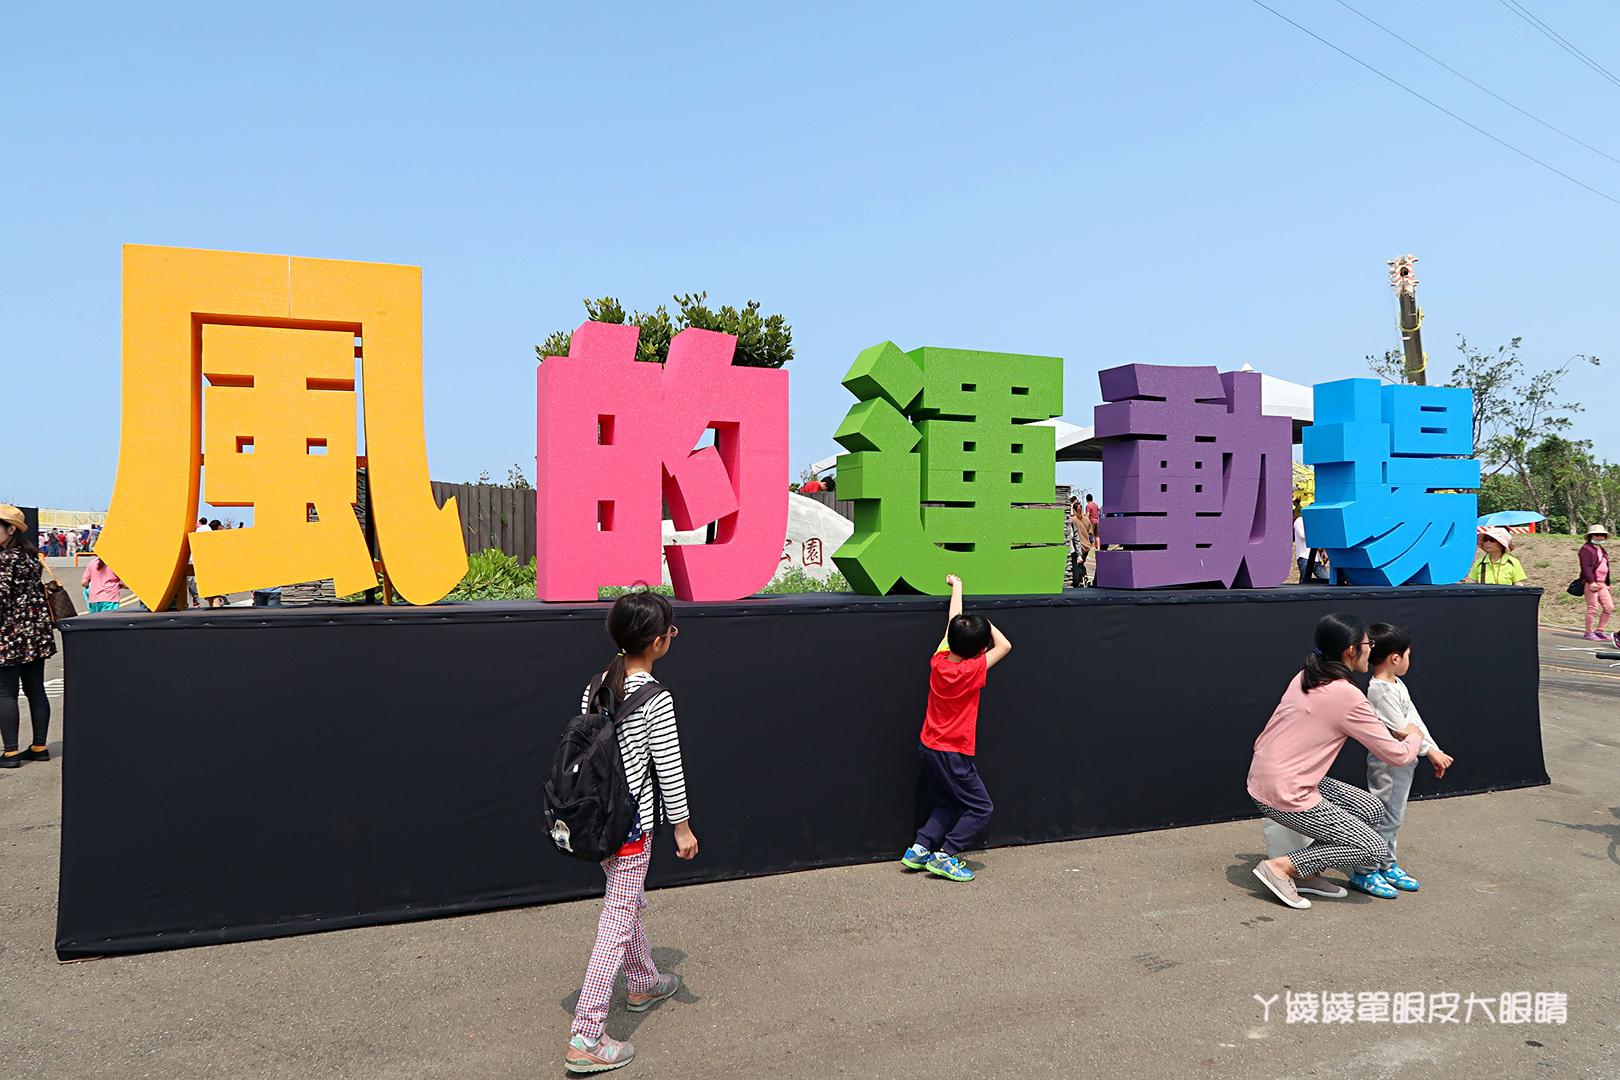 2019風的運動場將在新竹文創館舉辦,巨型迷宮、漂浮單車、大型溜滑梯等九大太空主題遊具